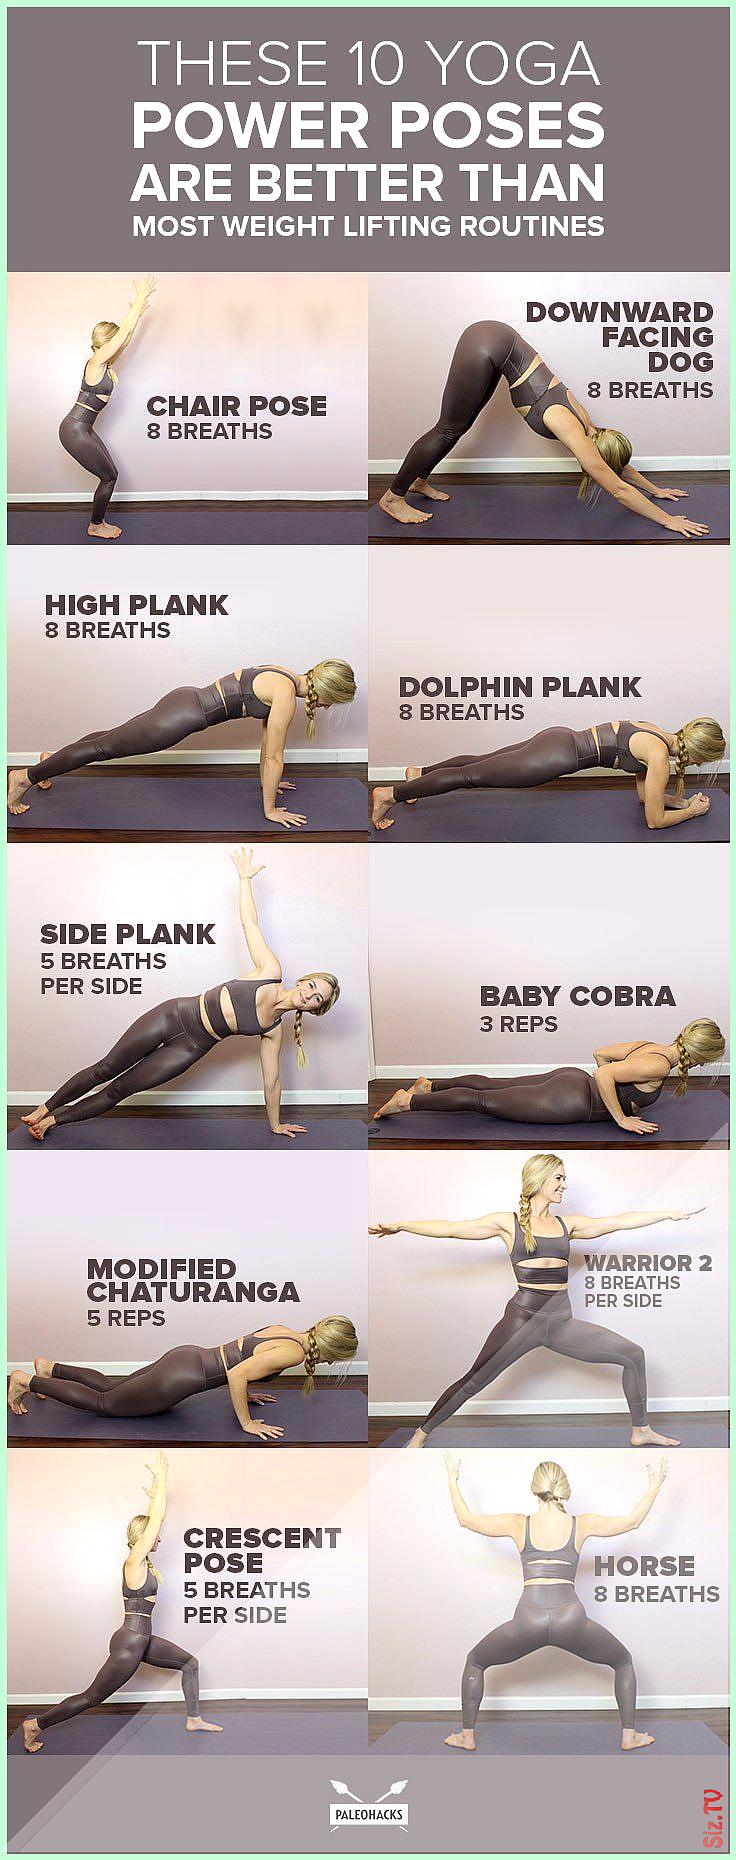 Diese 10 Yoga-Power-Posen sind besser als die meisten Gewichte zu heben Diese 10 Yoga-Power-Posen si...